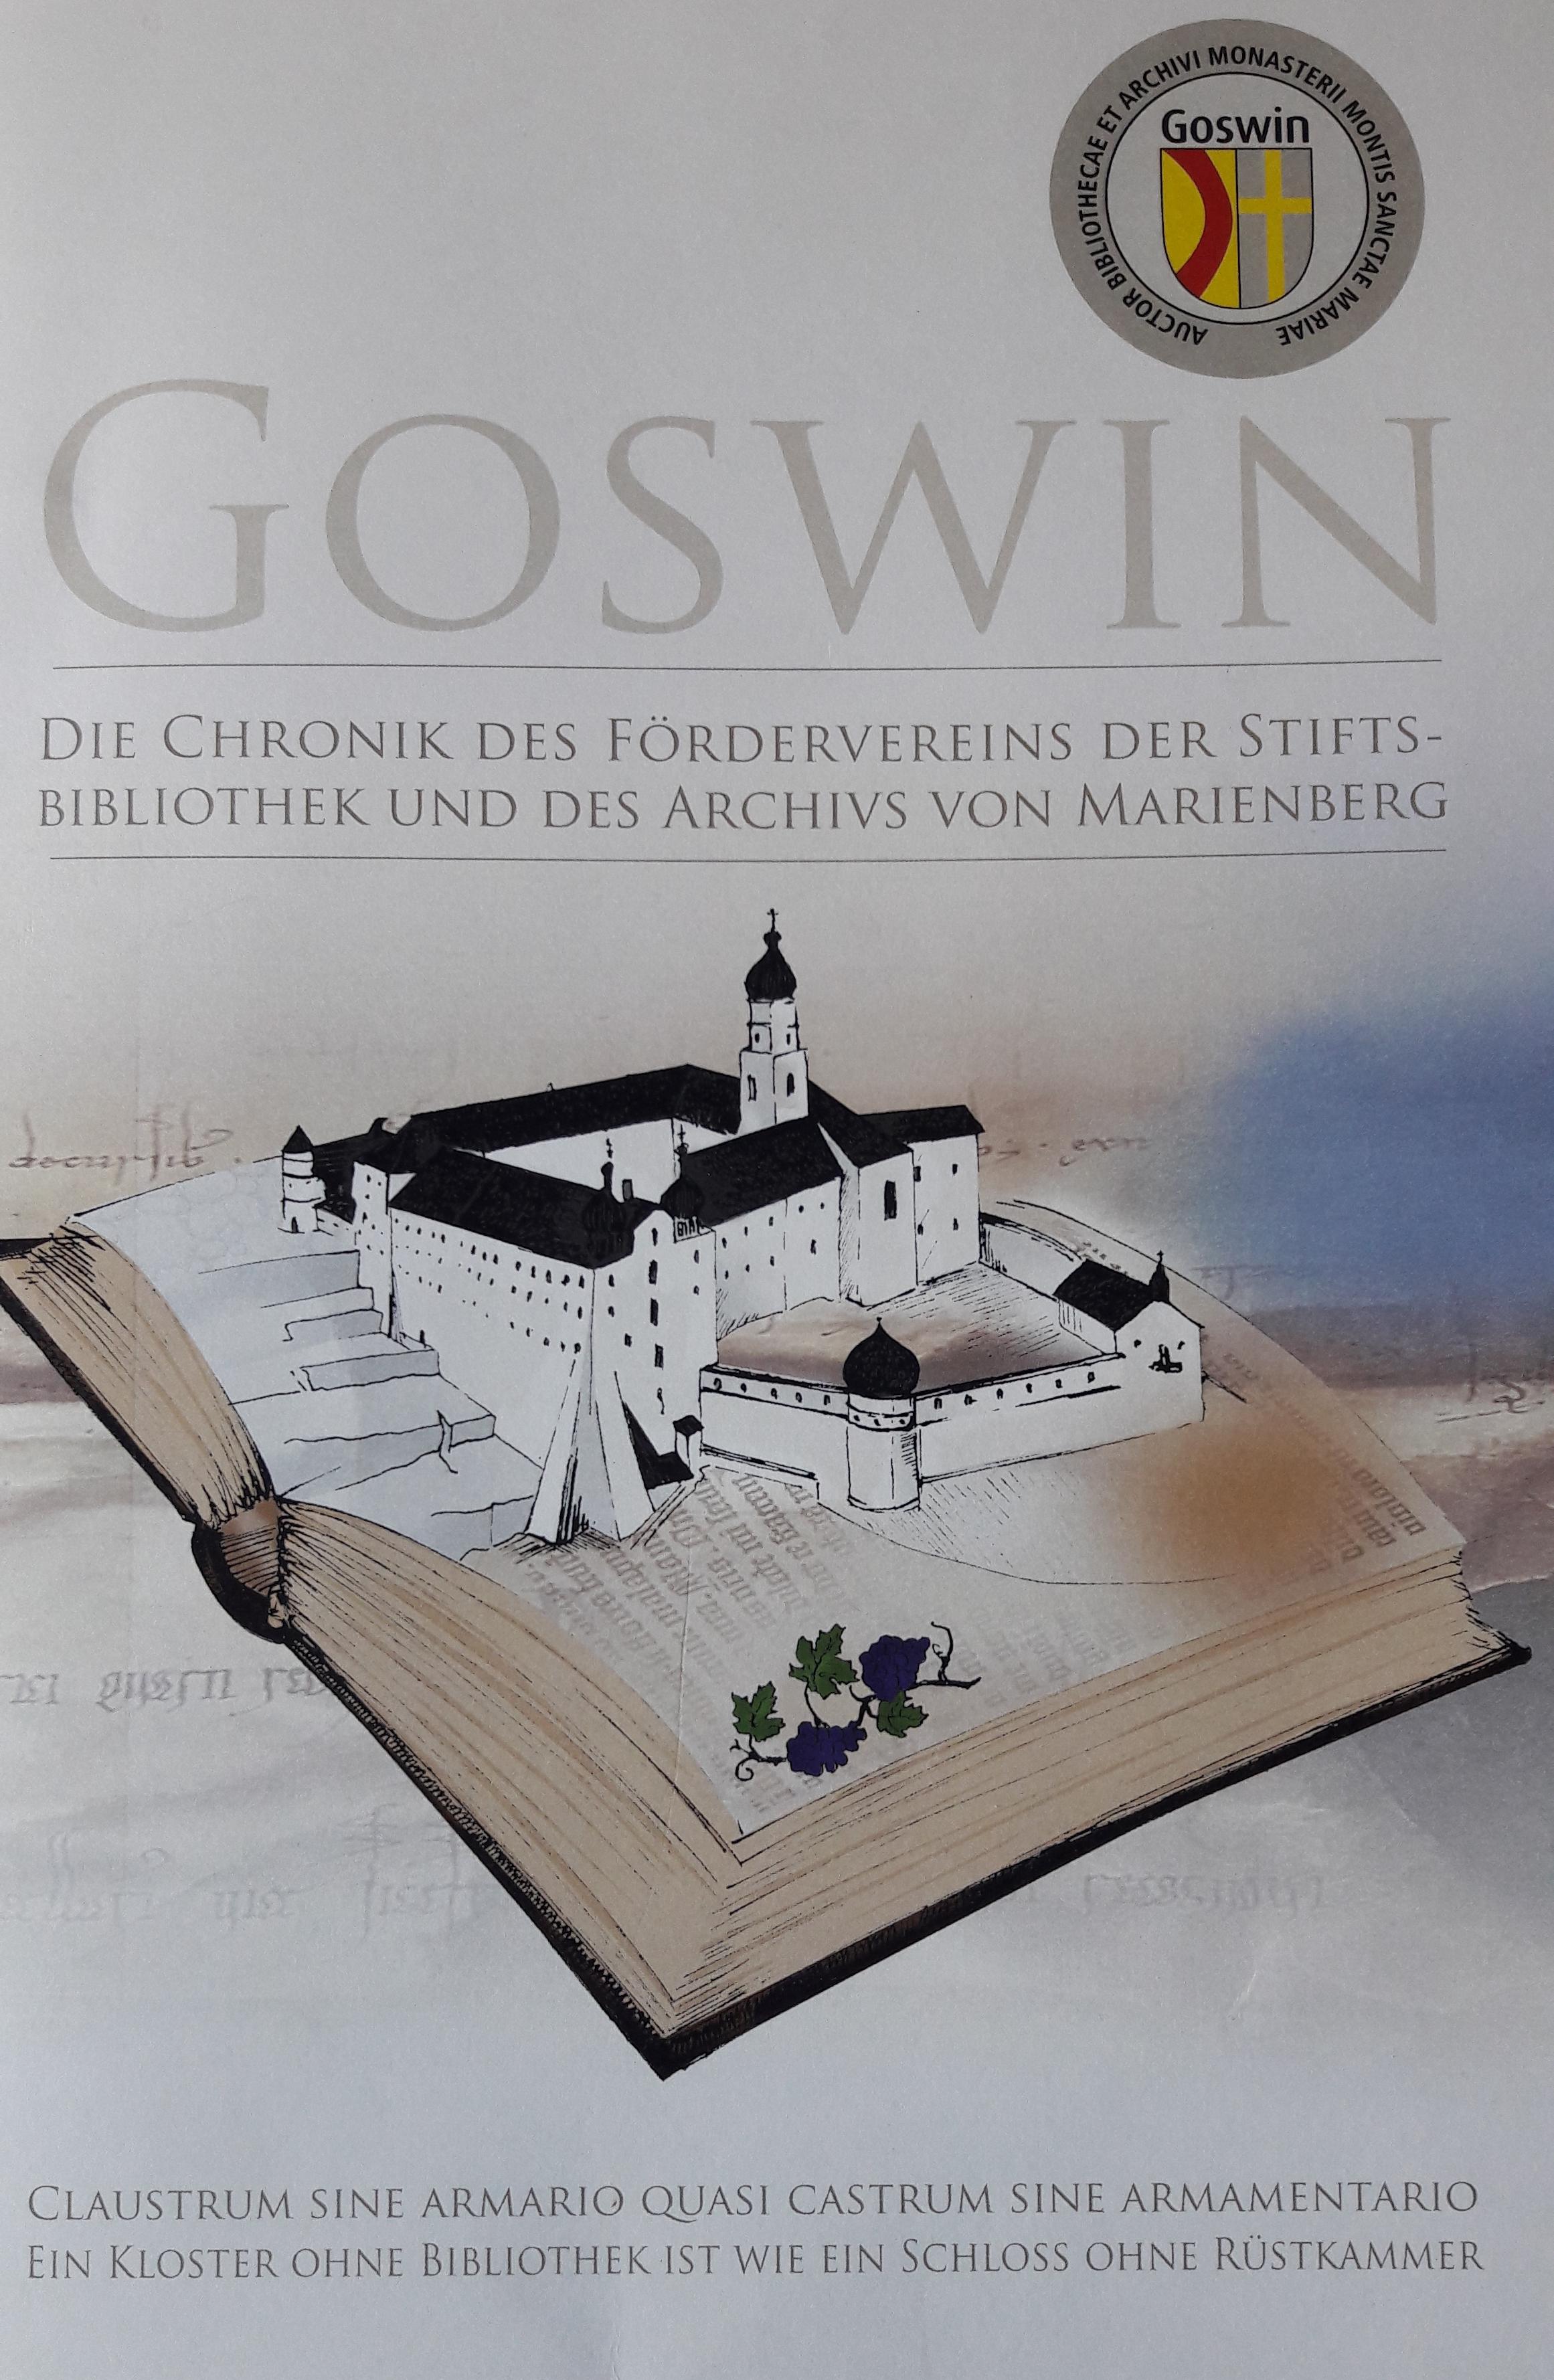 Die Chronik des Fördervereins der Stiftsbibliothek und des Archivs von Marienberg